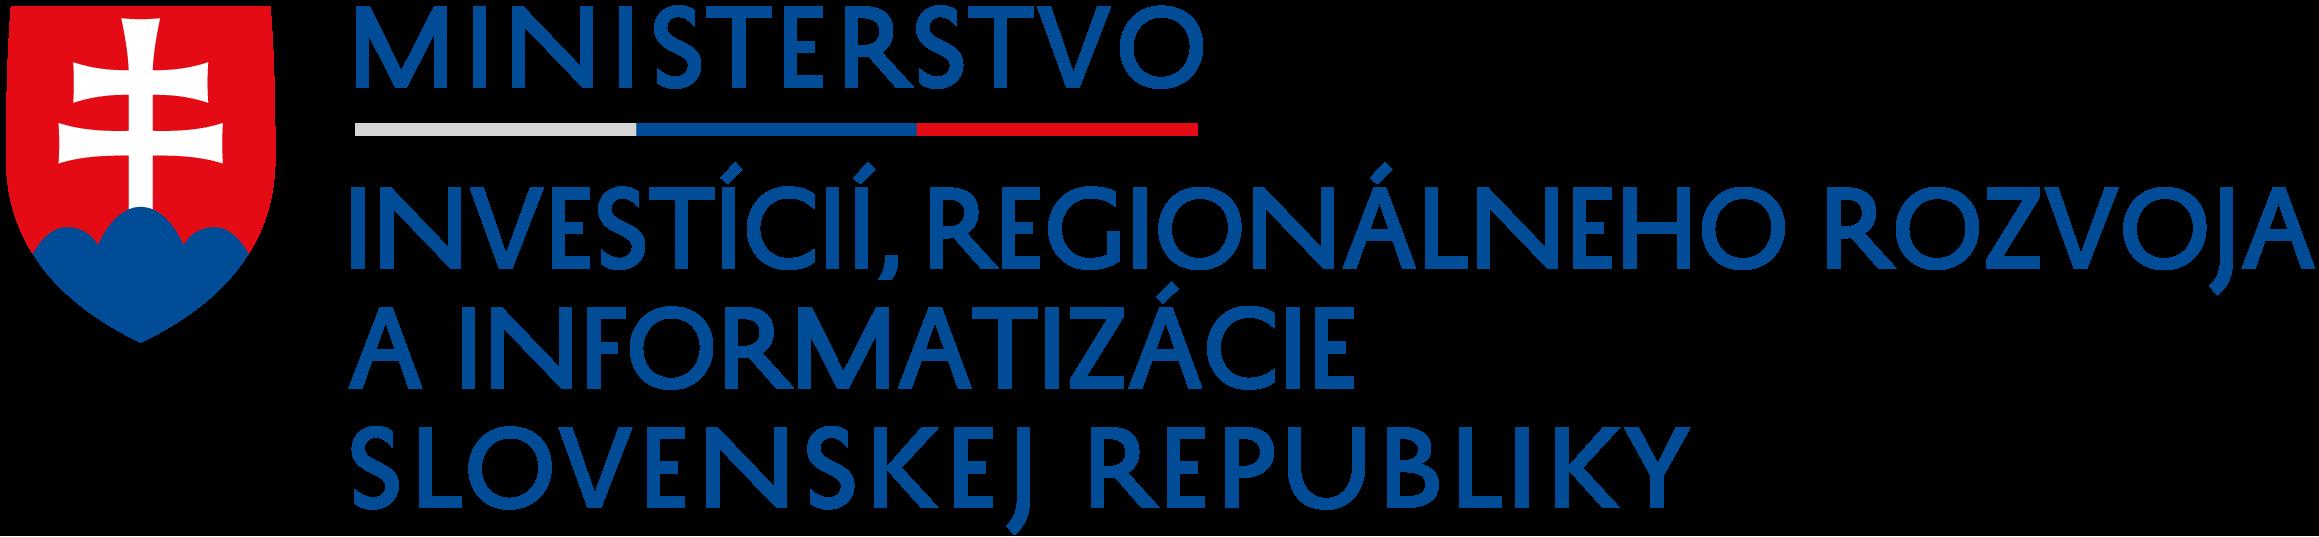 Ministerstvo investícií, regionálneho rozvoja ainformatizácie SR